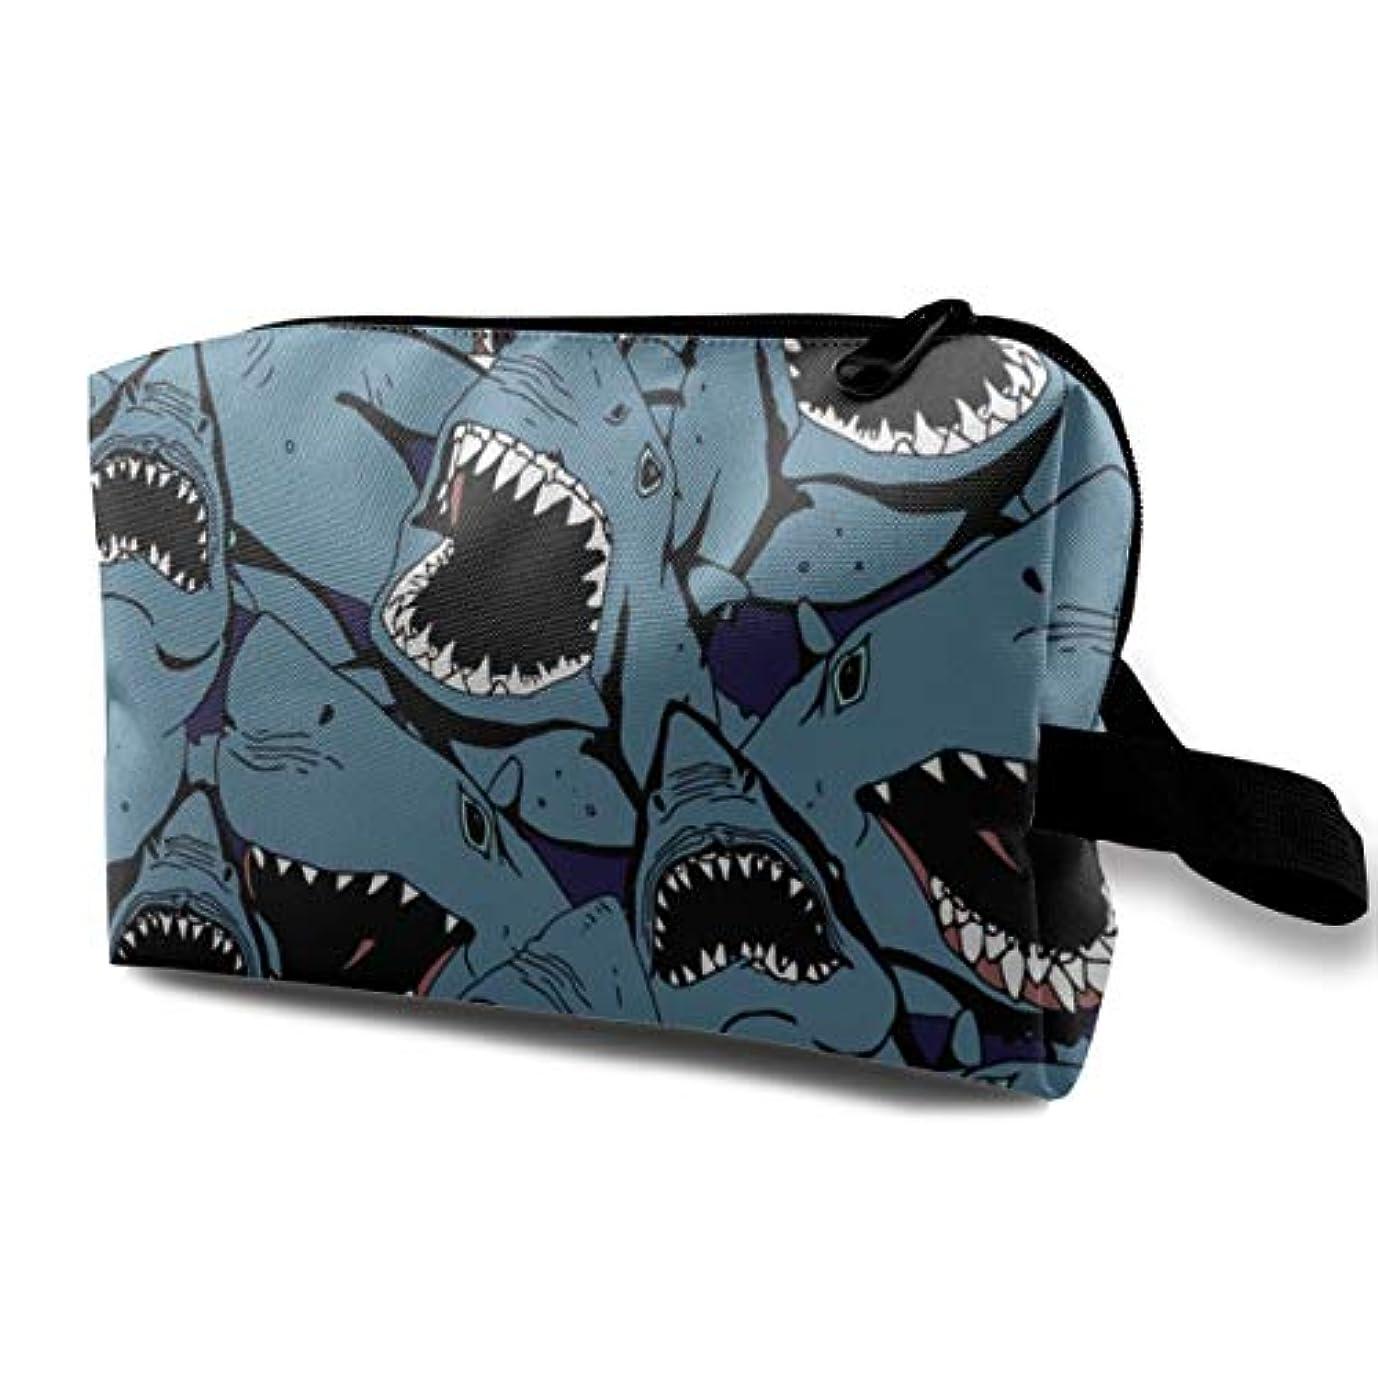 シーサイド否定する乗算Angry Shark 収納ポーチ 化粧ポーチ 大容量 軽量 耐久性 ハンドル付持ち運び便利。入れ 自宅?出張?旅行?アウトドア撮影などに対応。メンズ レディース トラベルグッズ